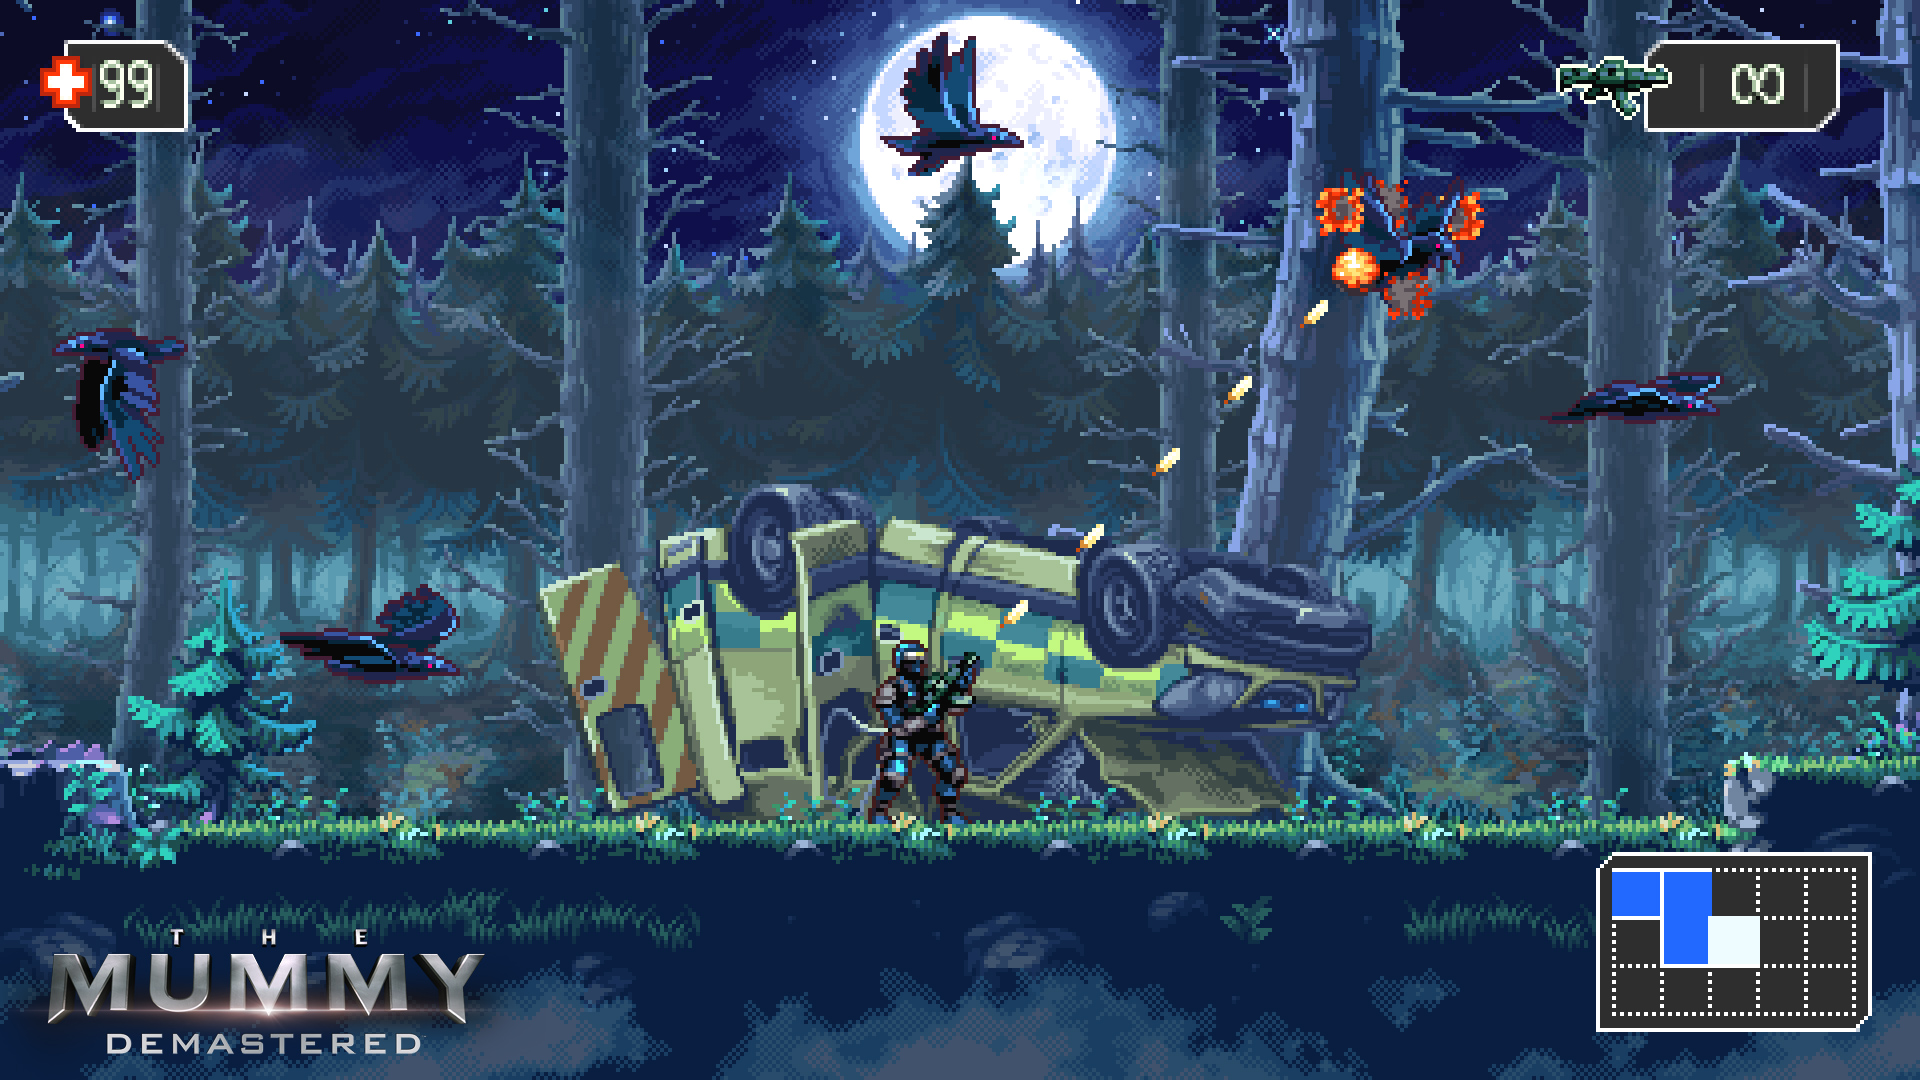 The Mummy Demastered is a WayForward jam screenshot